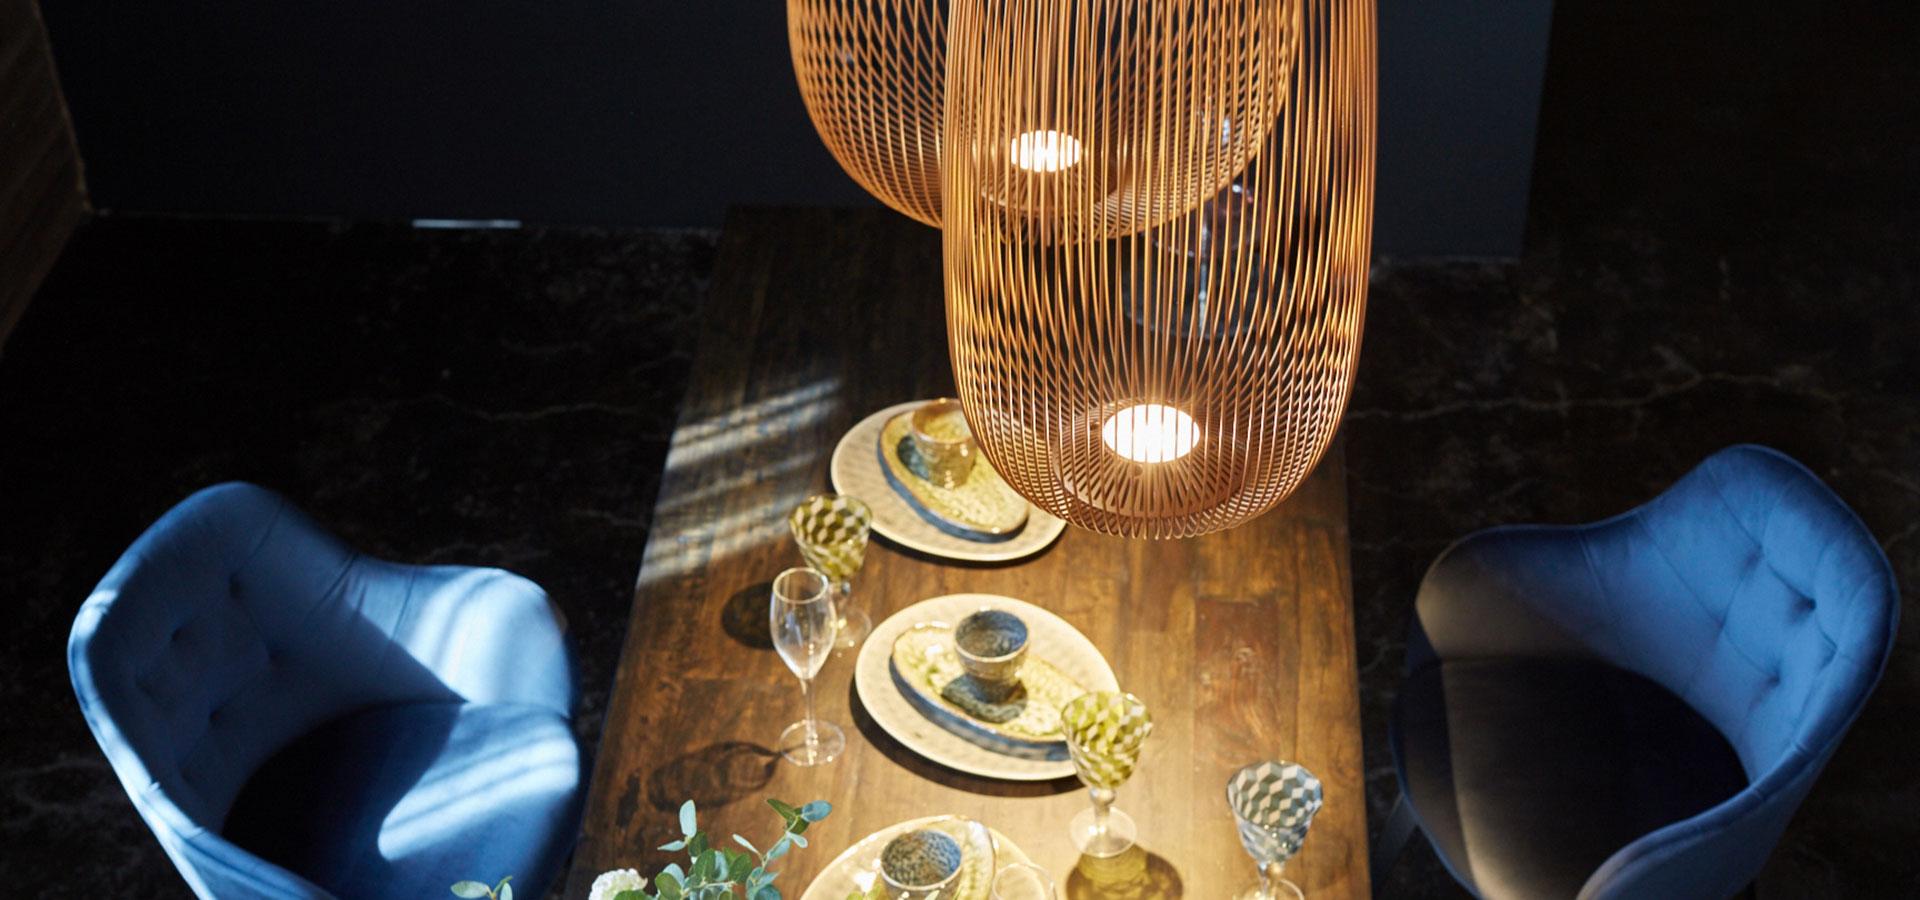 KONTRAST: Möbel Leuchten Accessoires   Lassen Sie Sich Inspirieren